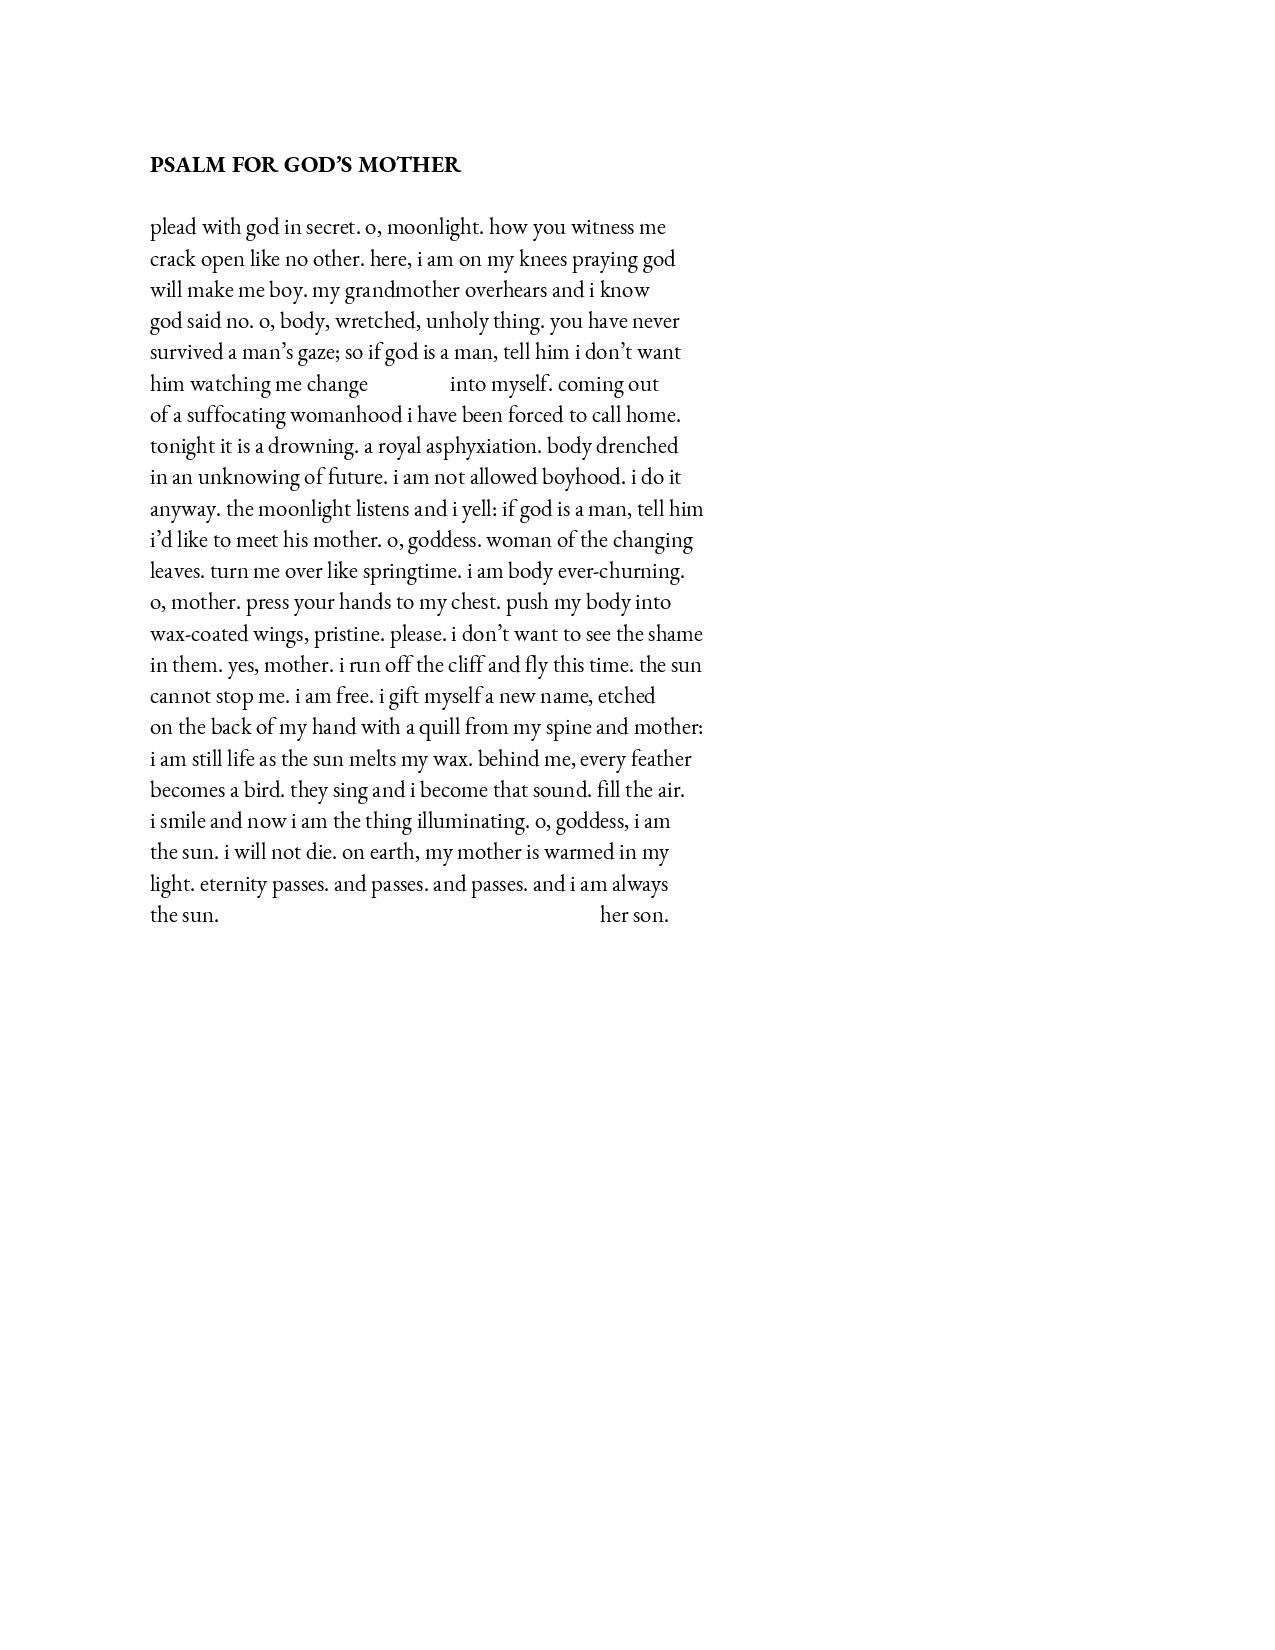 poems-page-002.jpg